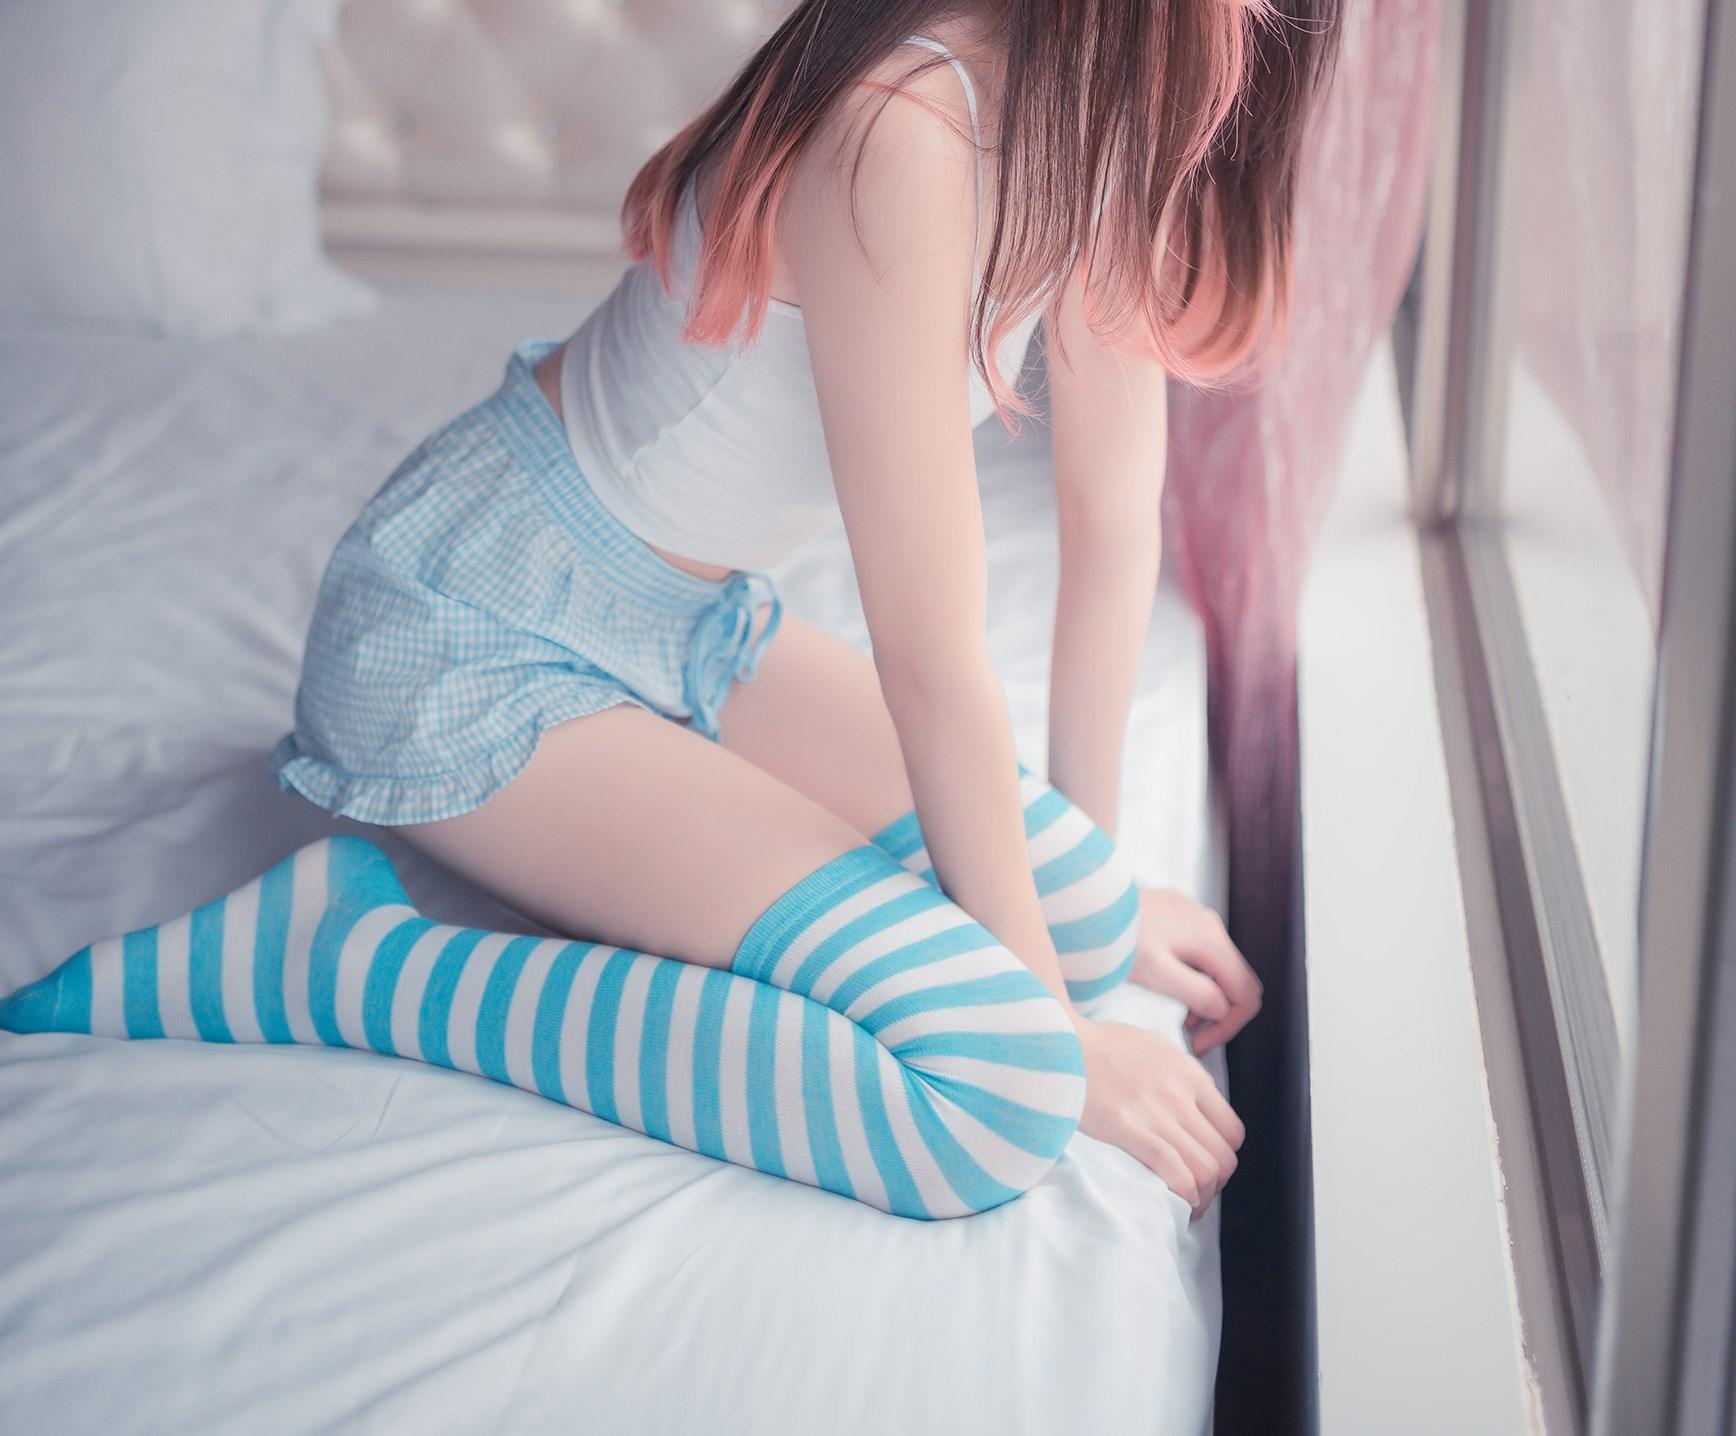 【兔玩映画】蓝白条纹 兔玩映画 第20张